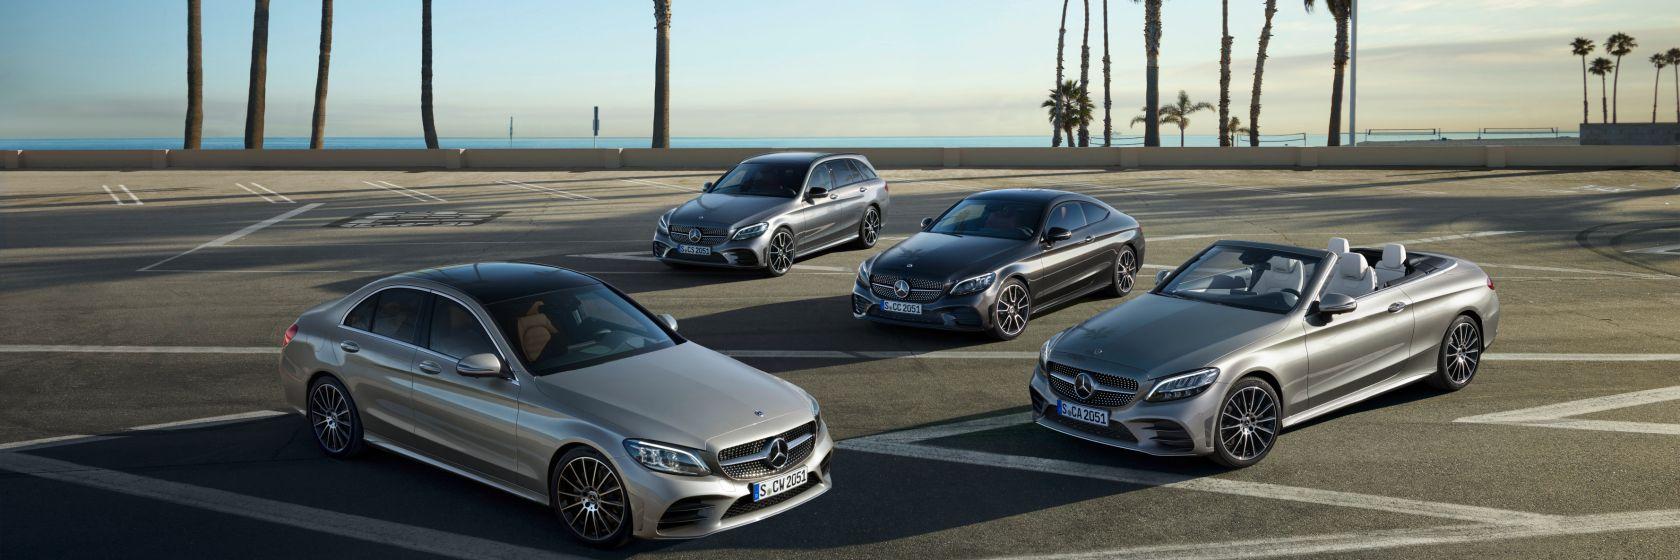 Concesionarios de coches: venta de automóviles nuevos y de ocasión, GRUPO CONCESUR